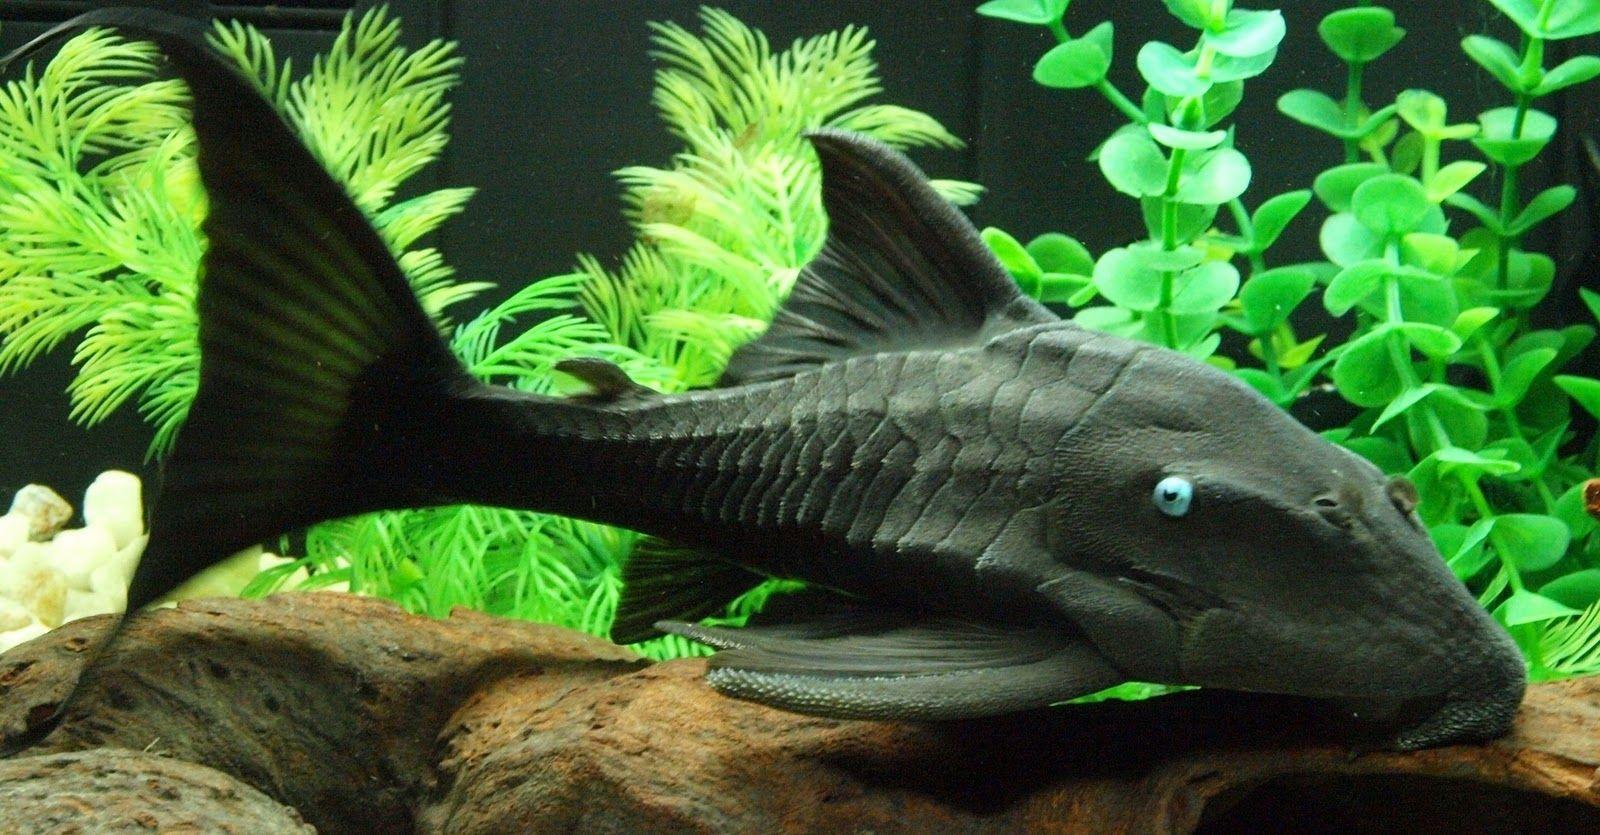 Fish aquarium information - Explore Aquarium Ideas Aquarium Fish And More